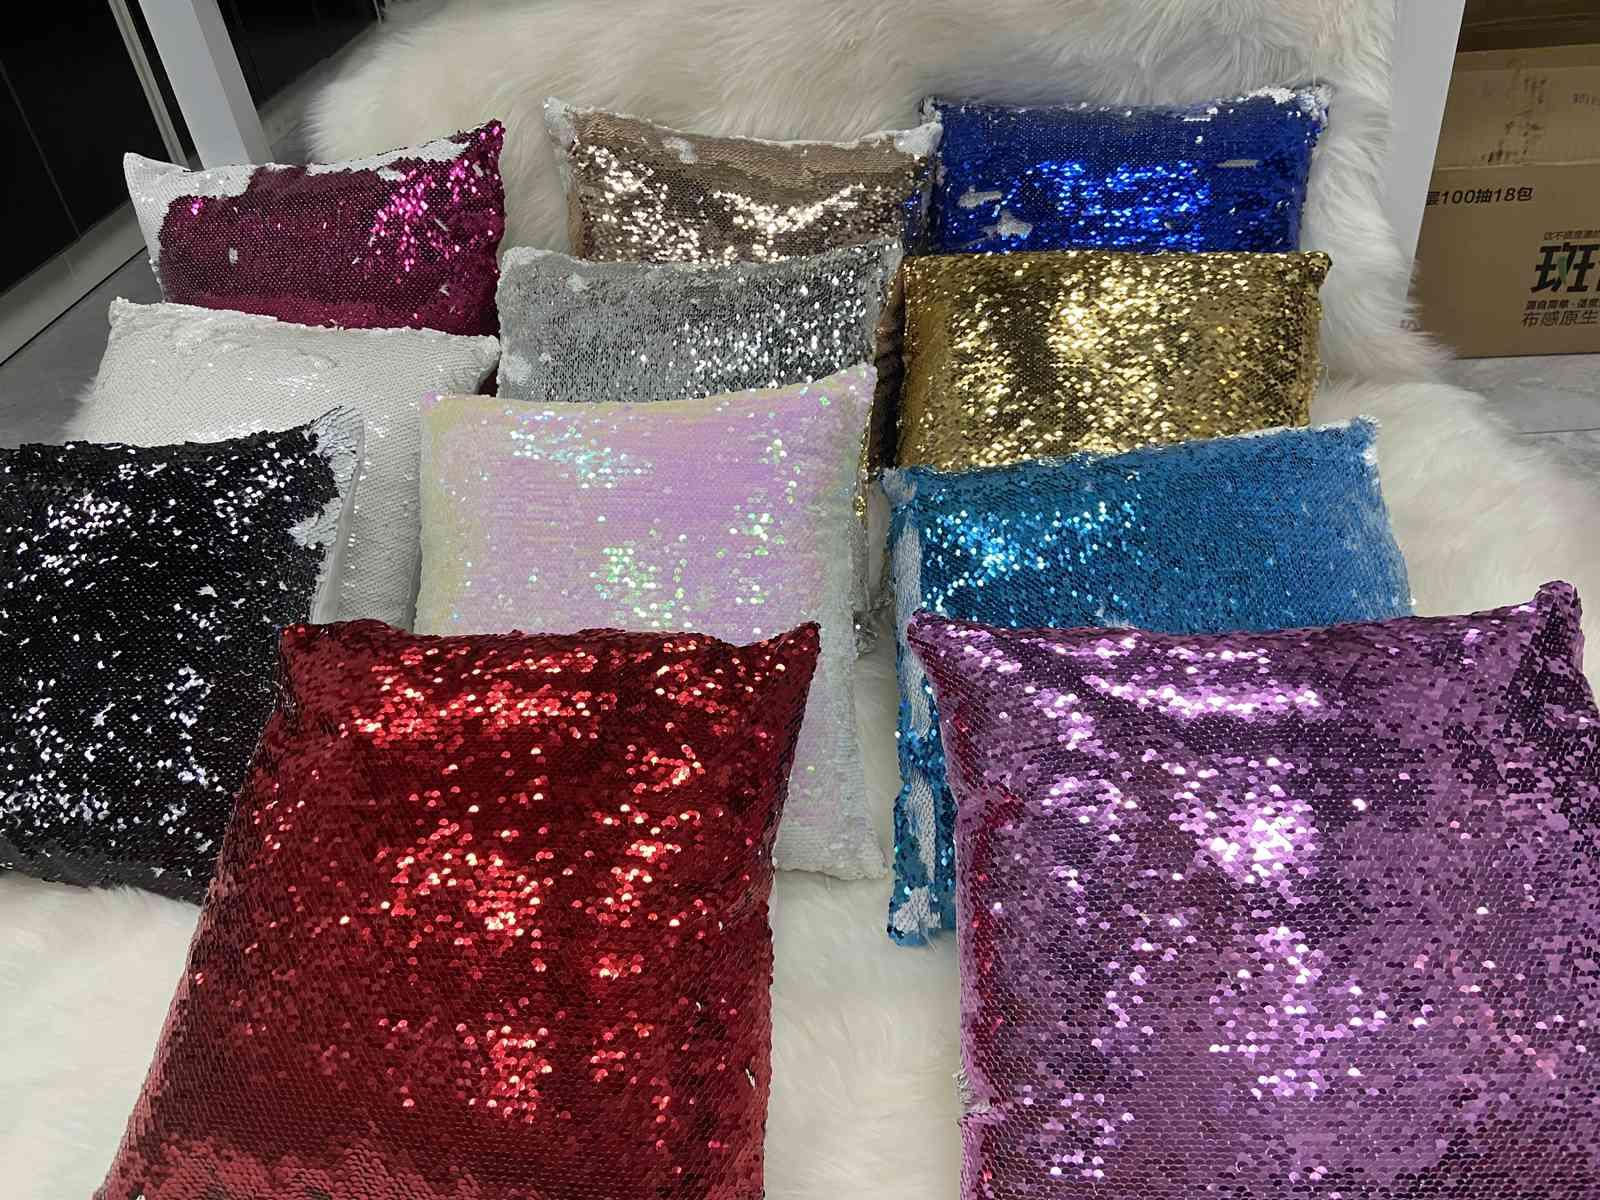 10 pçs / lote 16x16 polegadas Sublimação Flip Lantejoulas Caso de travesseiro Decorativo Printable Calor Prima Capa de Almofada